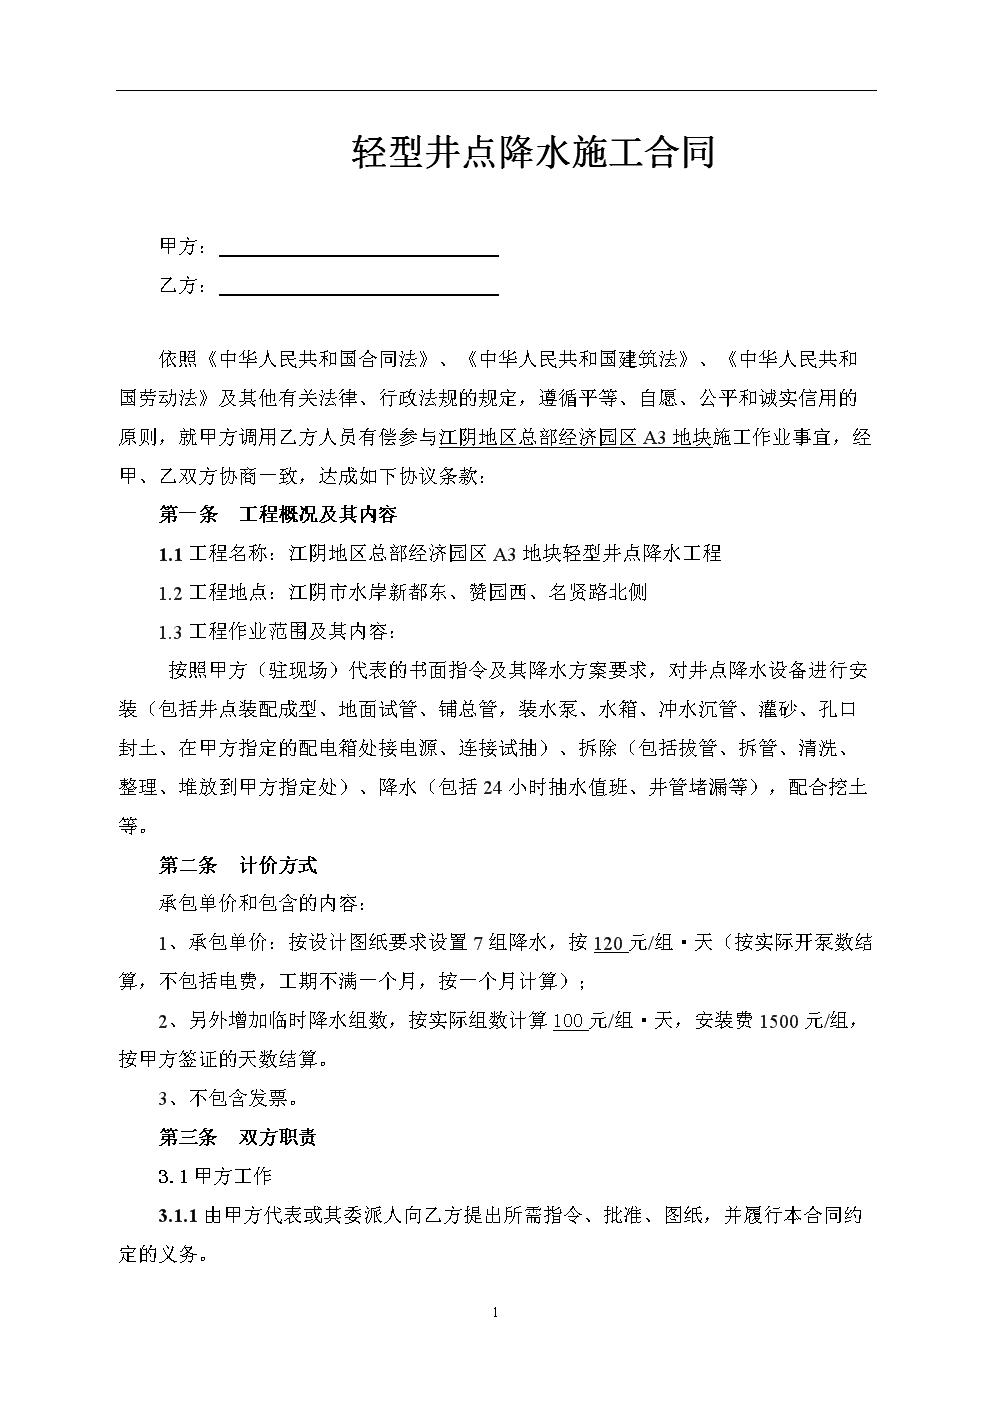 轻型井点降水工程施工合同范本.doc